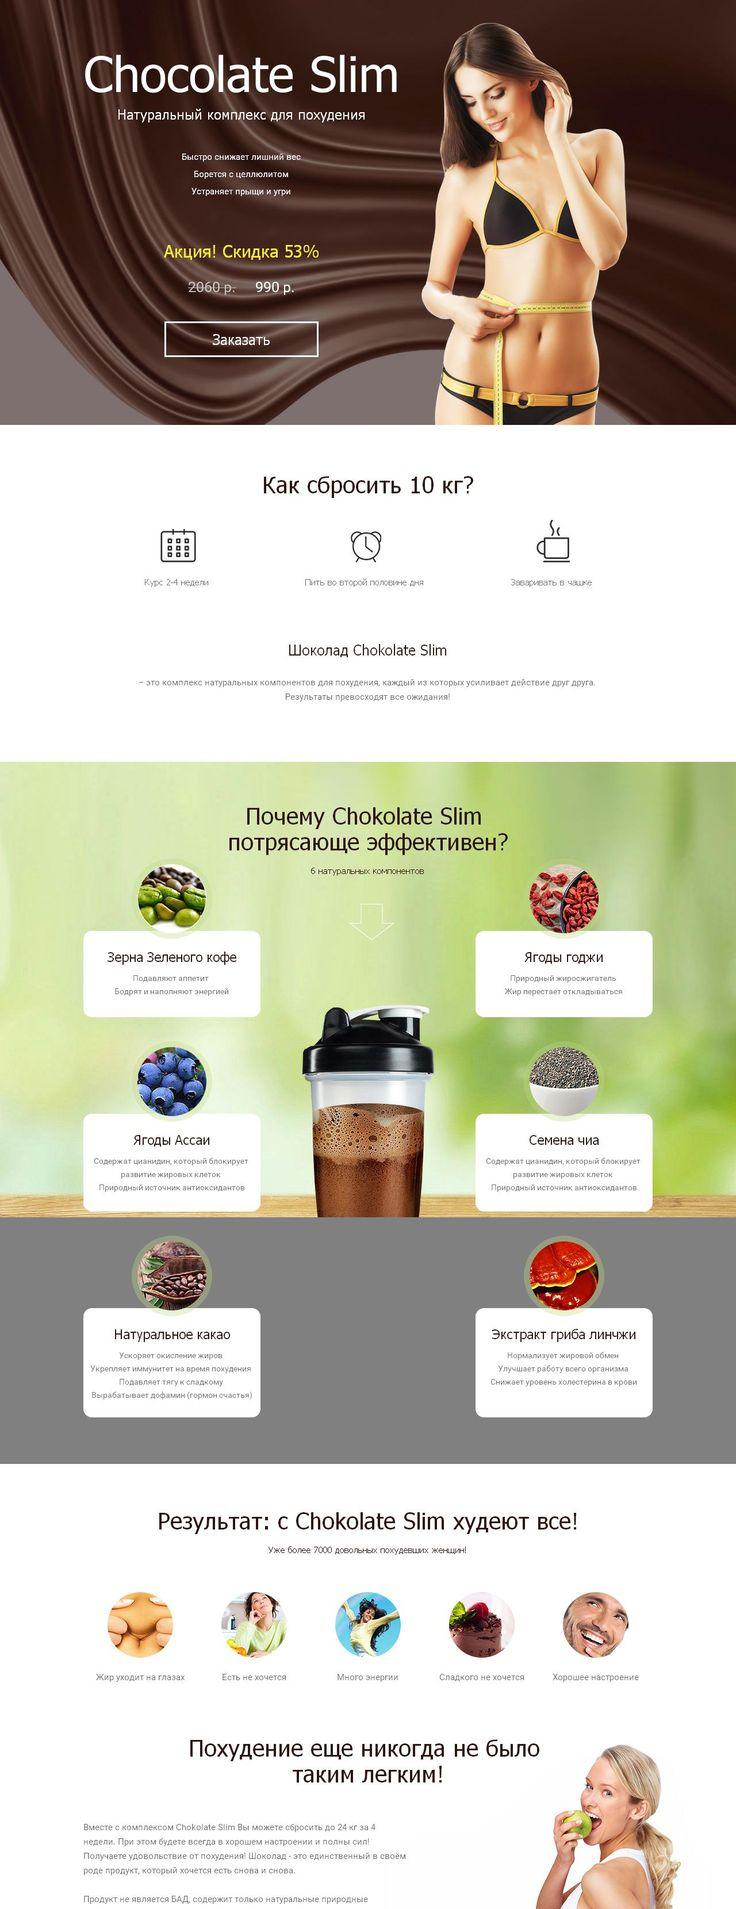 Препарат для похудения chocolate slim